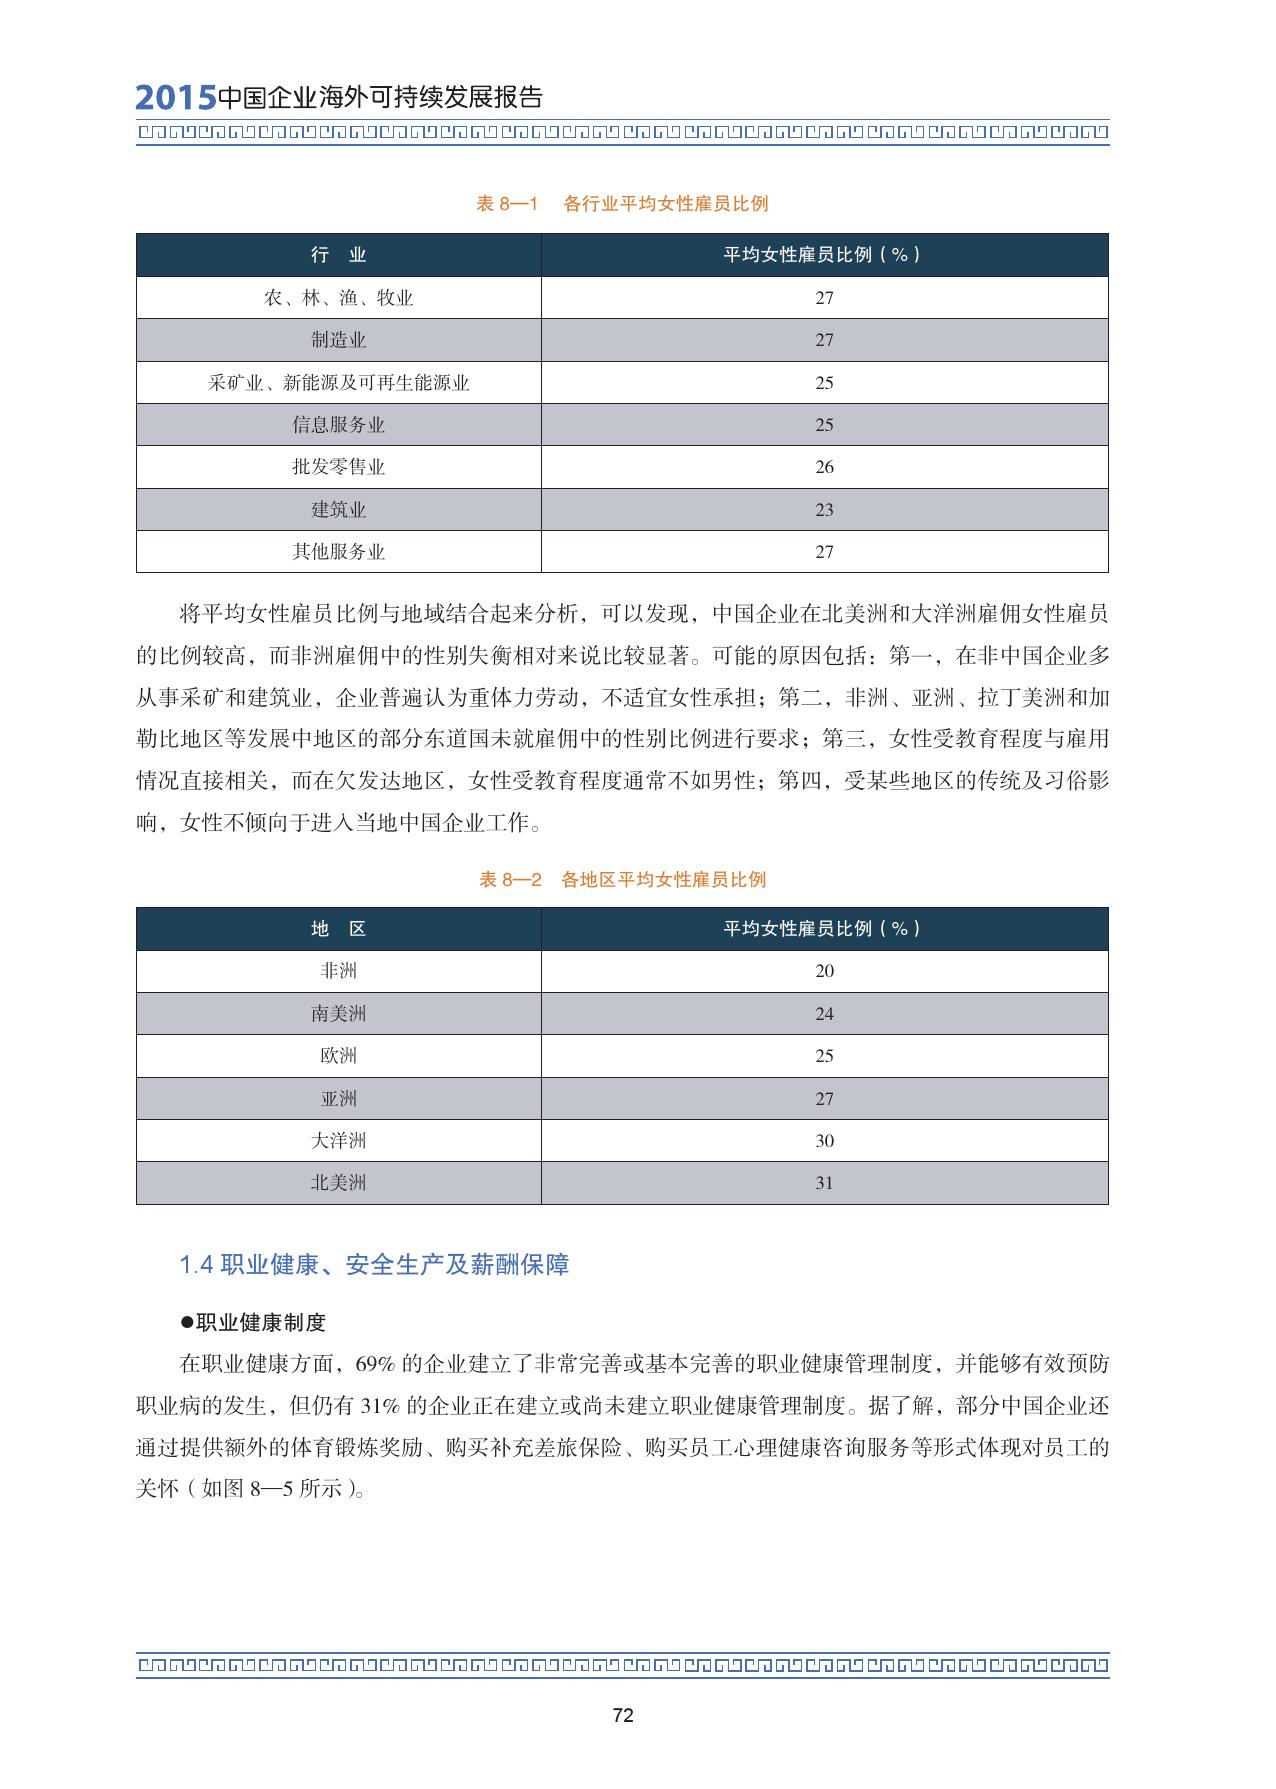 2015中国企业海外可持续发展报告_000086